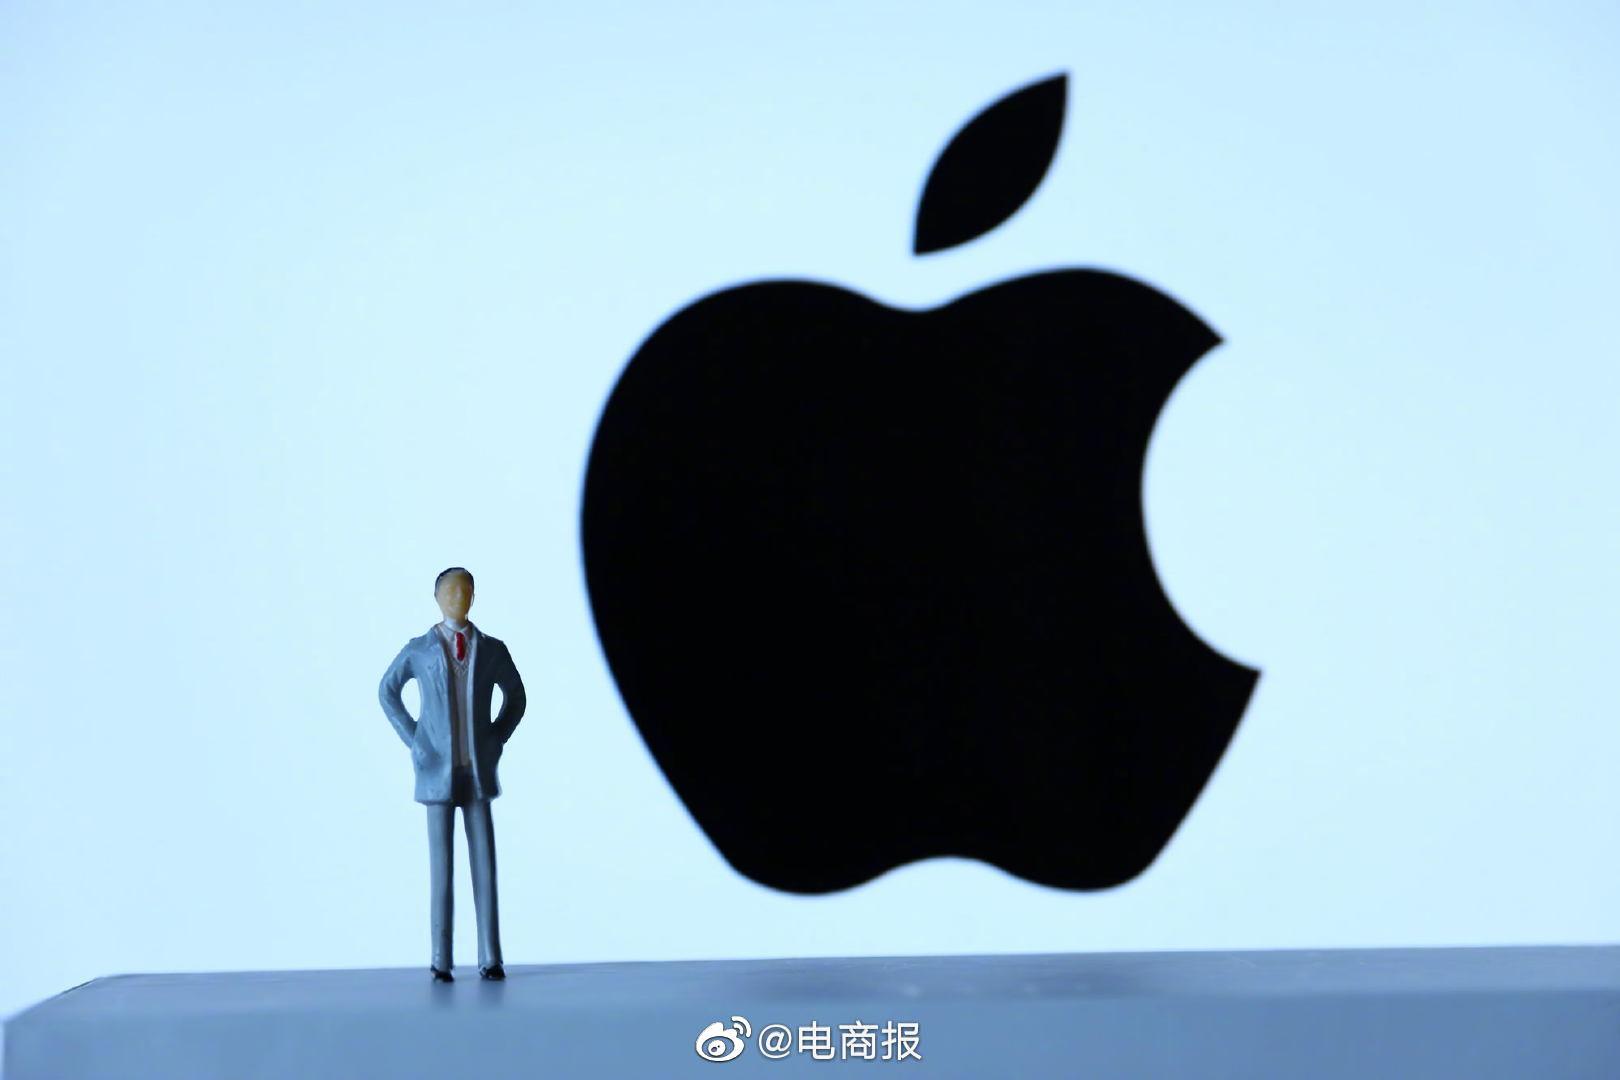 苹果上线隐私新规,只有用户主动授权……